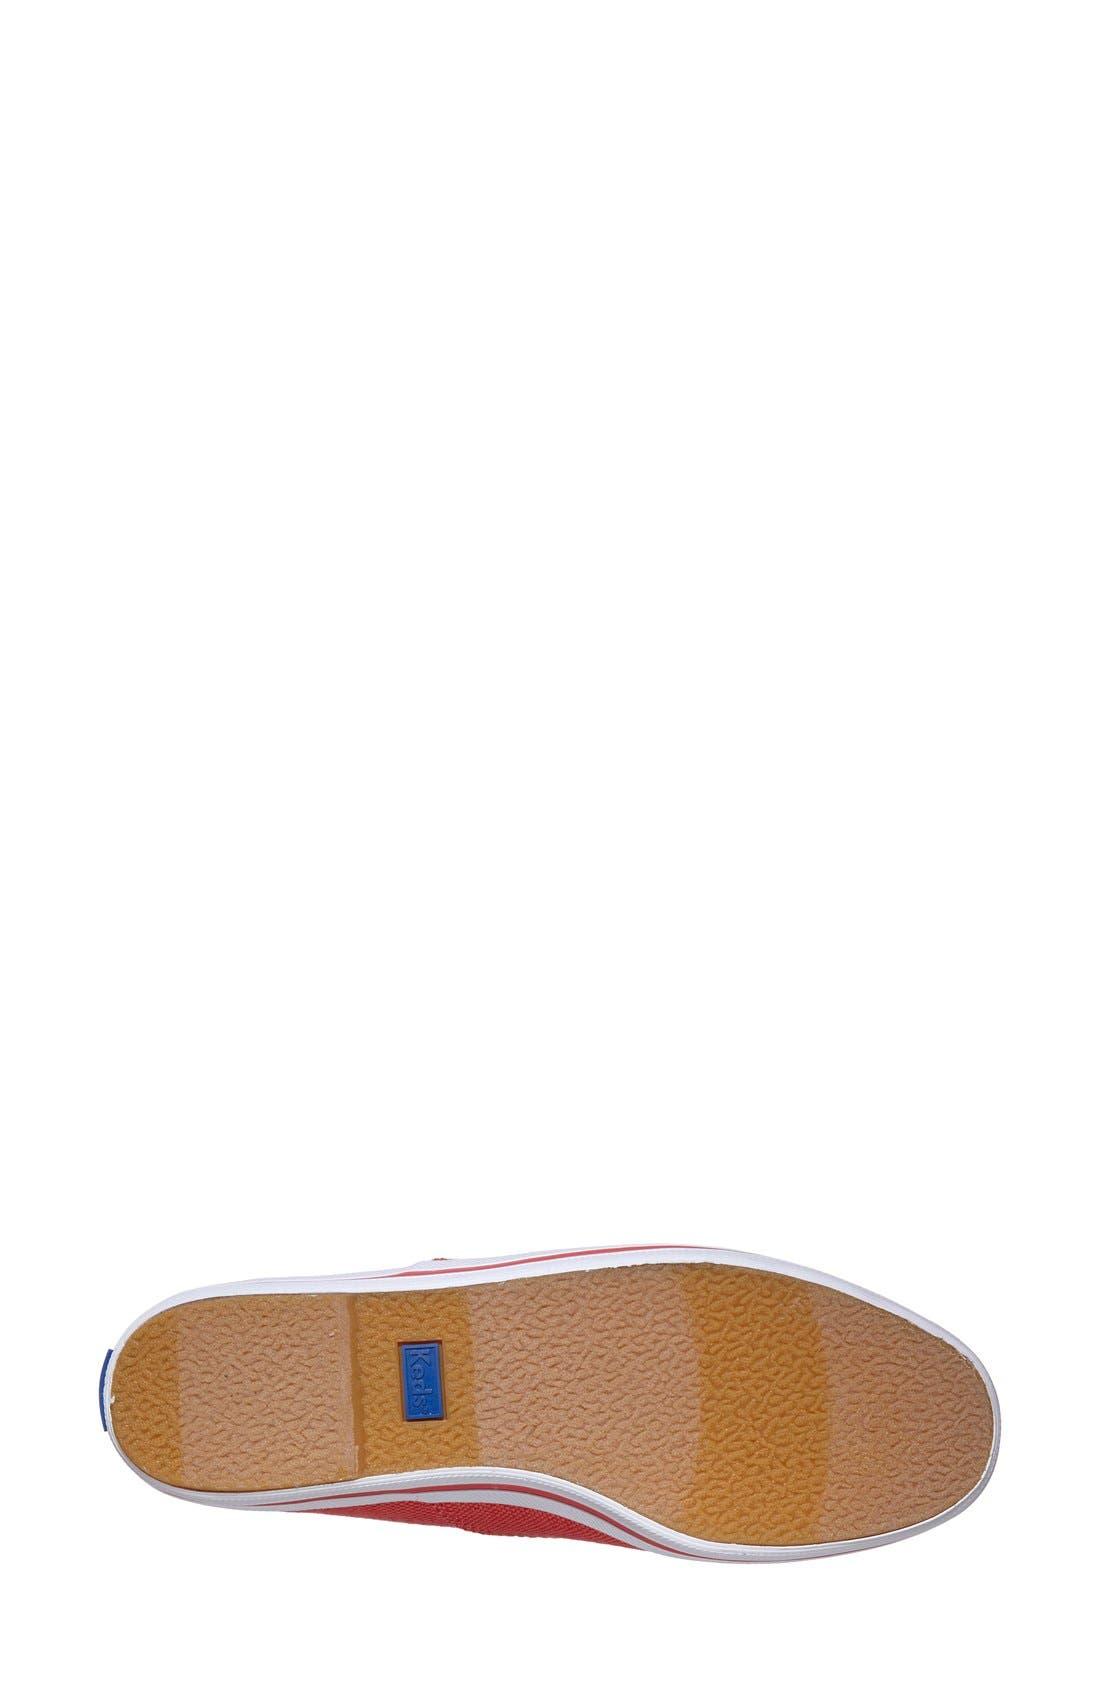 Alternate Image 3  - Keds® for kate spade new york 'boho' sneaker